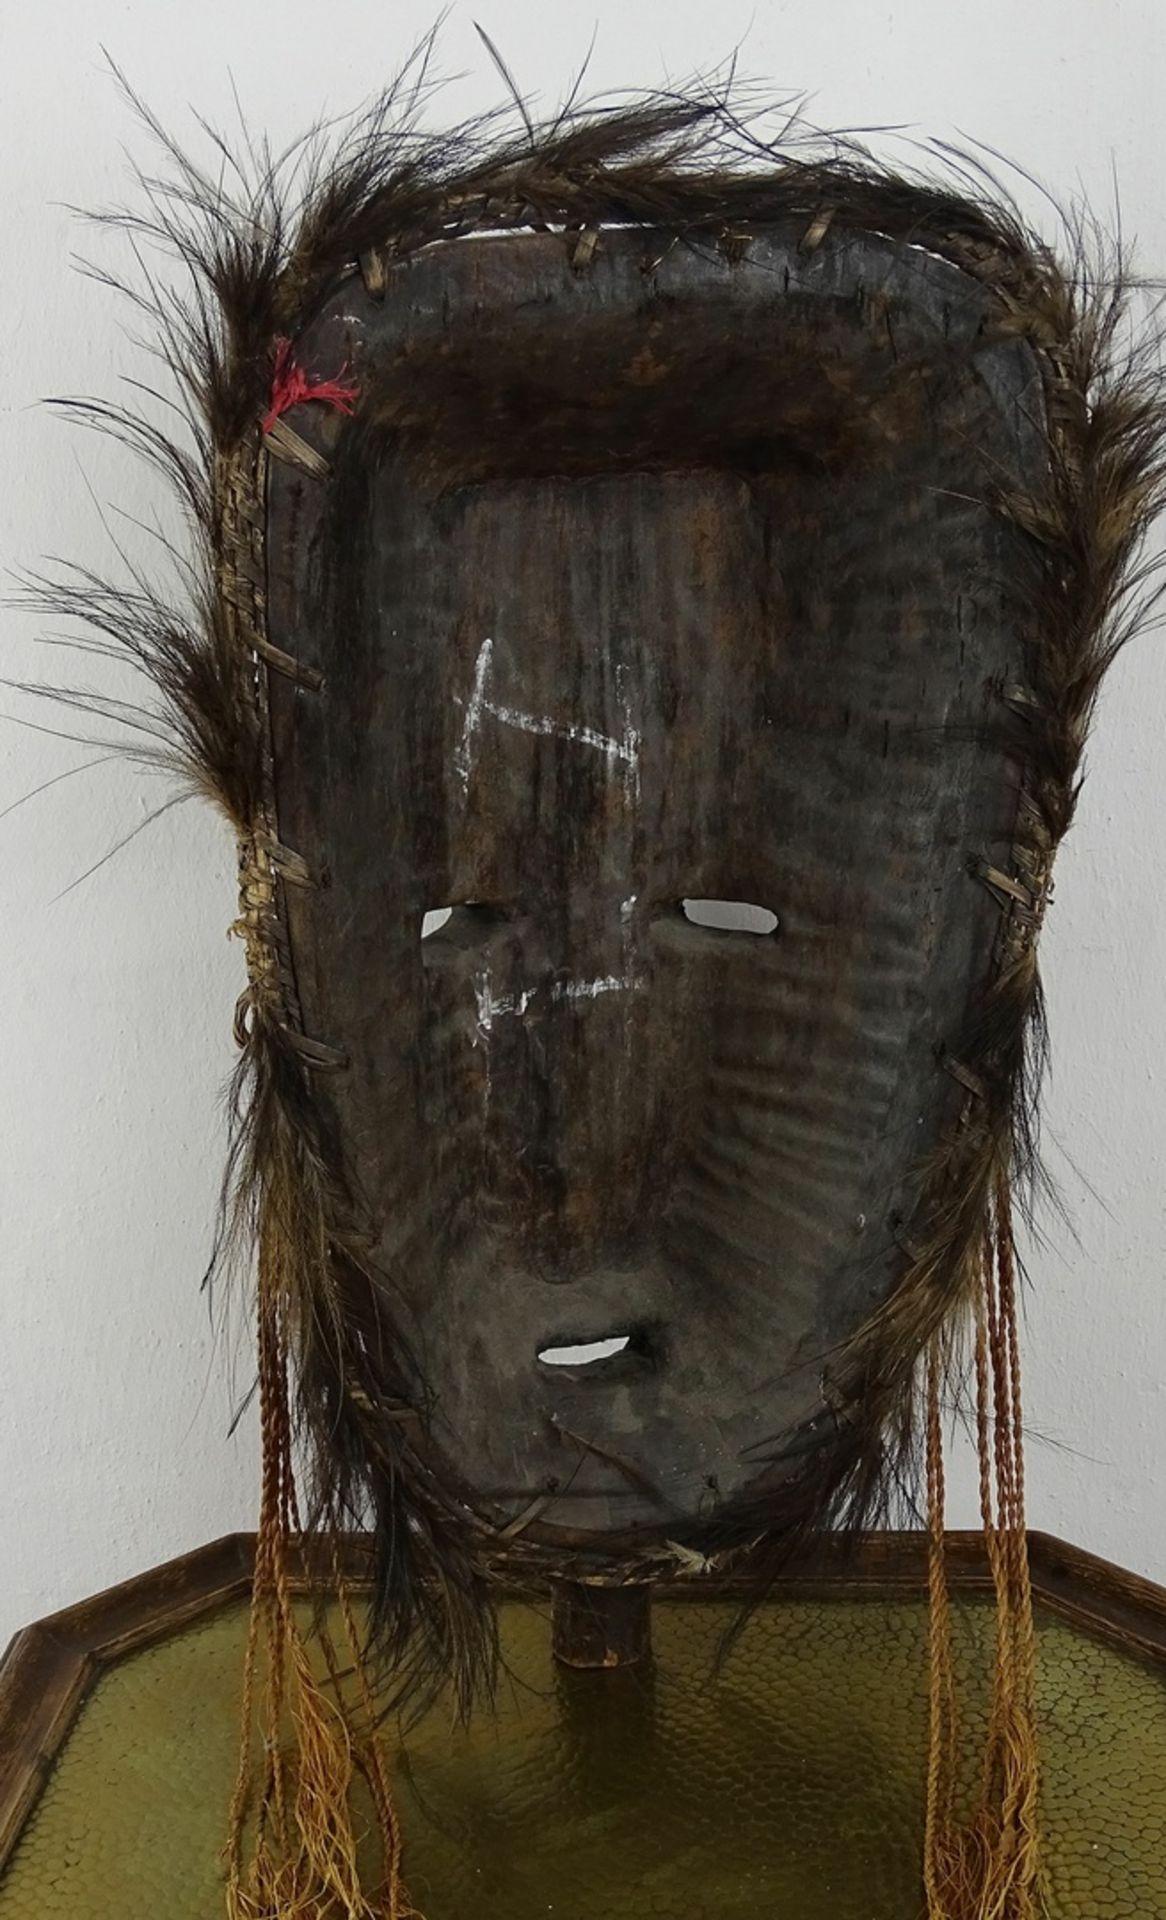 Große Maske eines Ahnengeistes, Papua-Neuguinea - Bild 2 aus 2